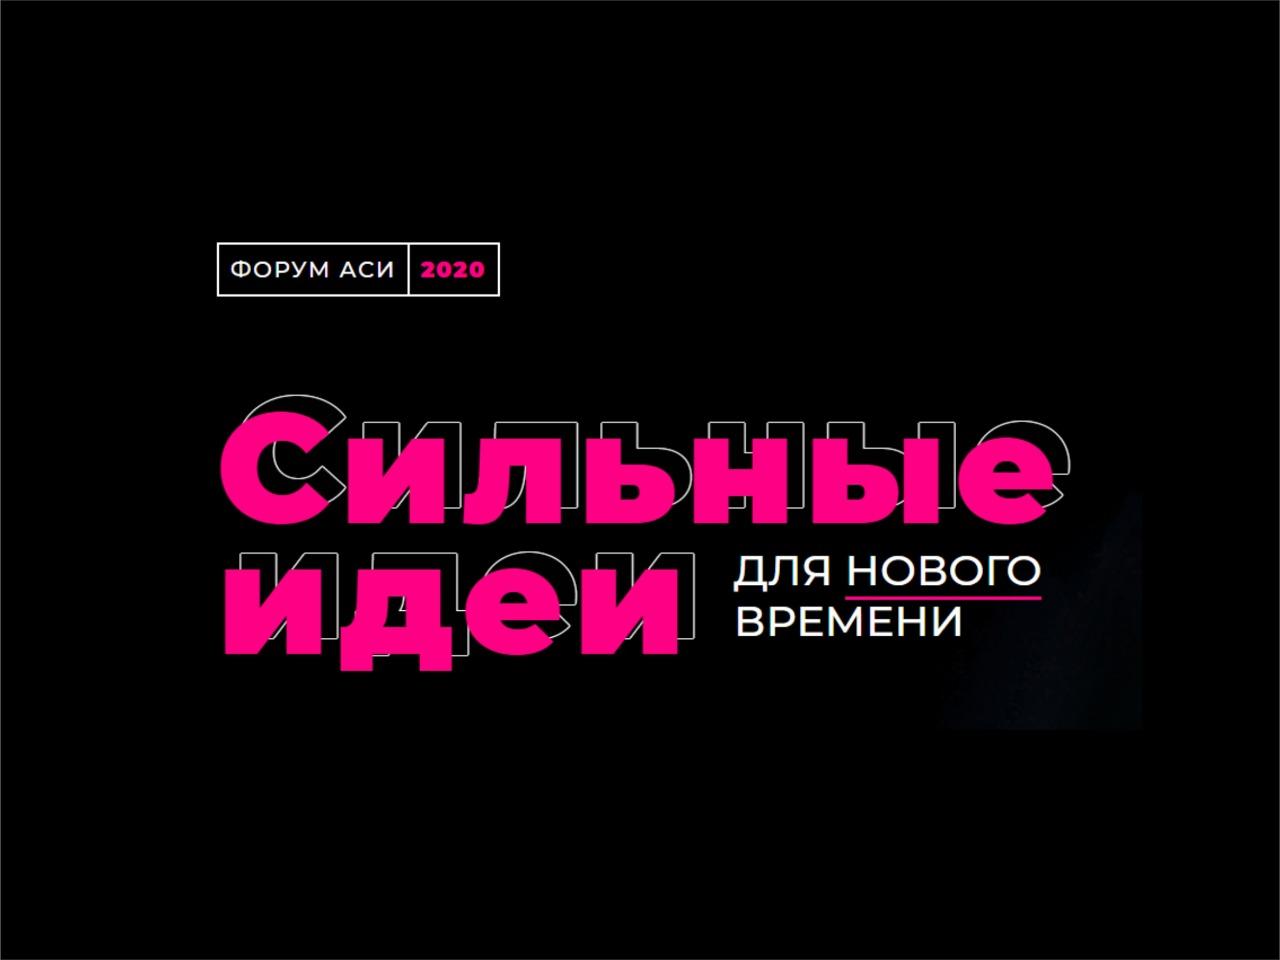 Жители Тверской области могут предложить свои идеи для развития страны